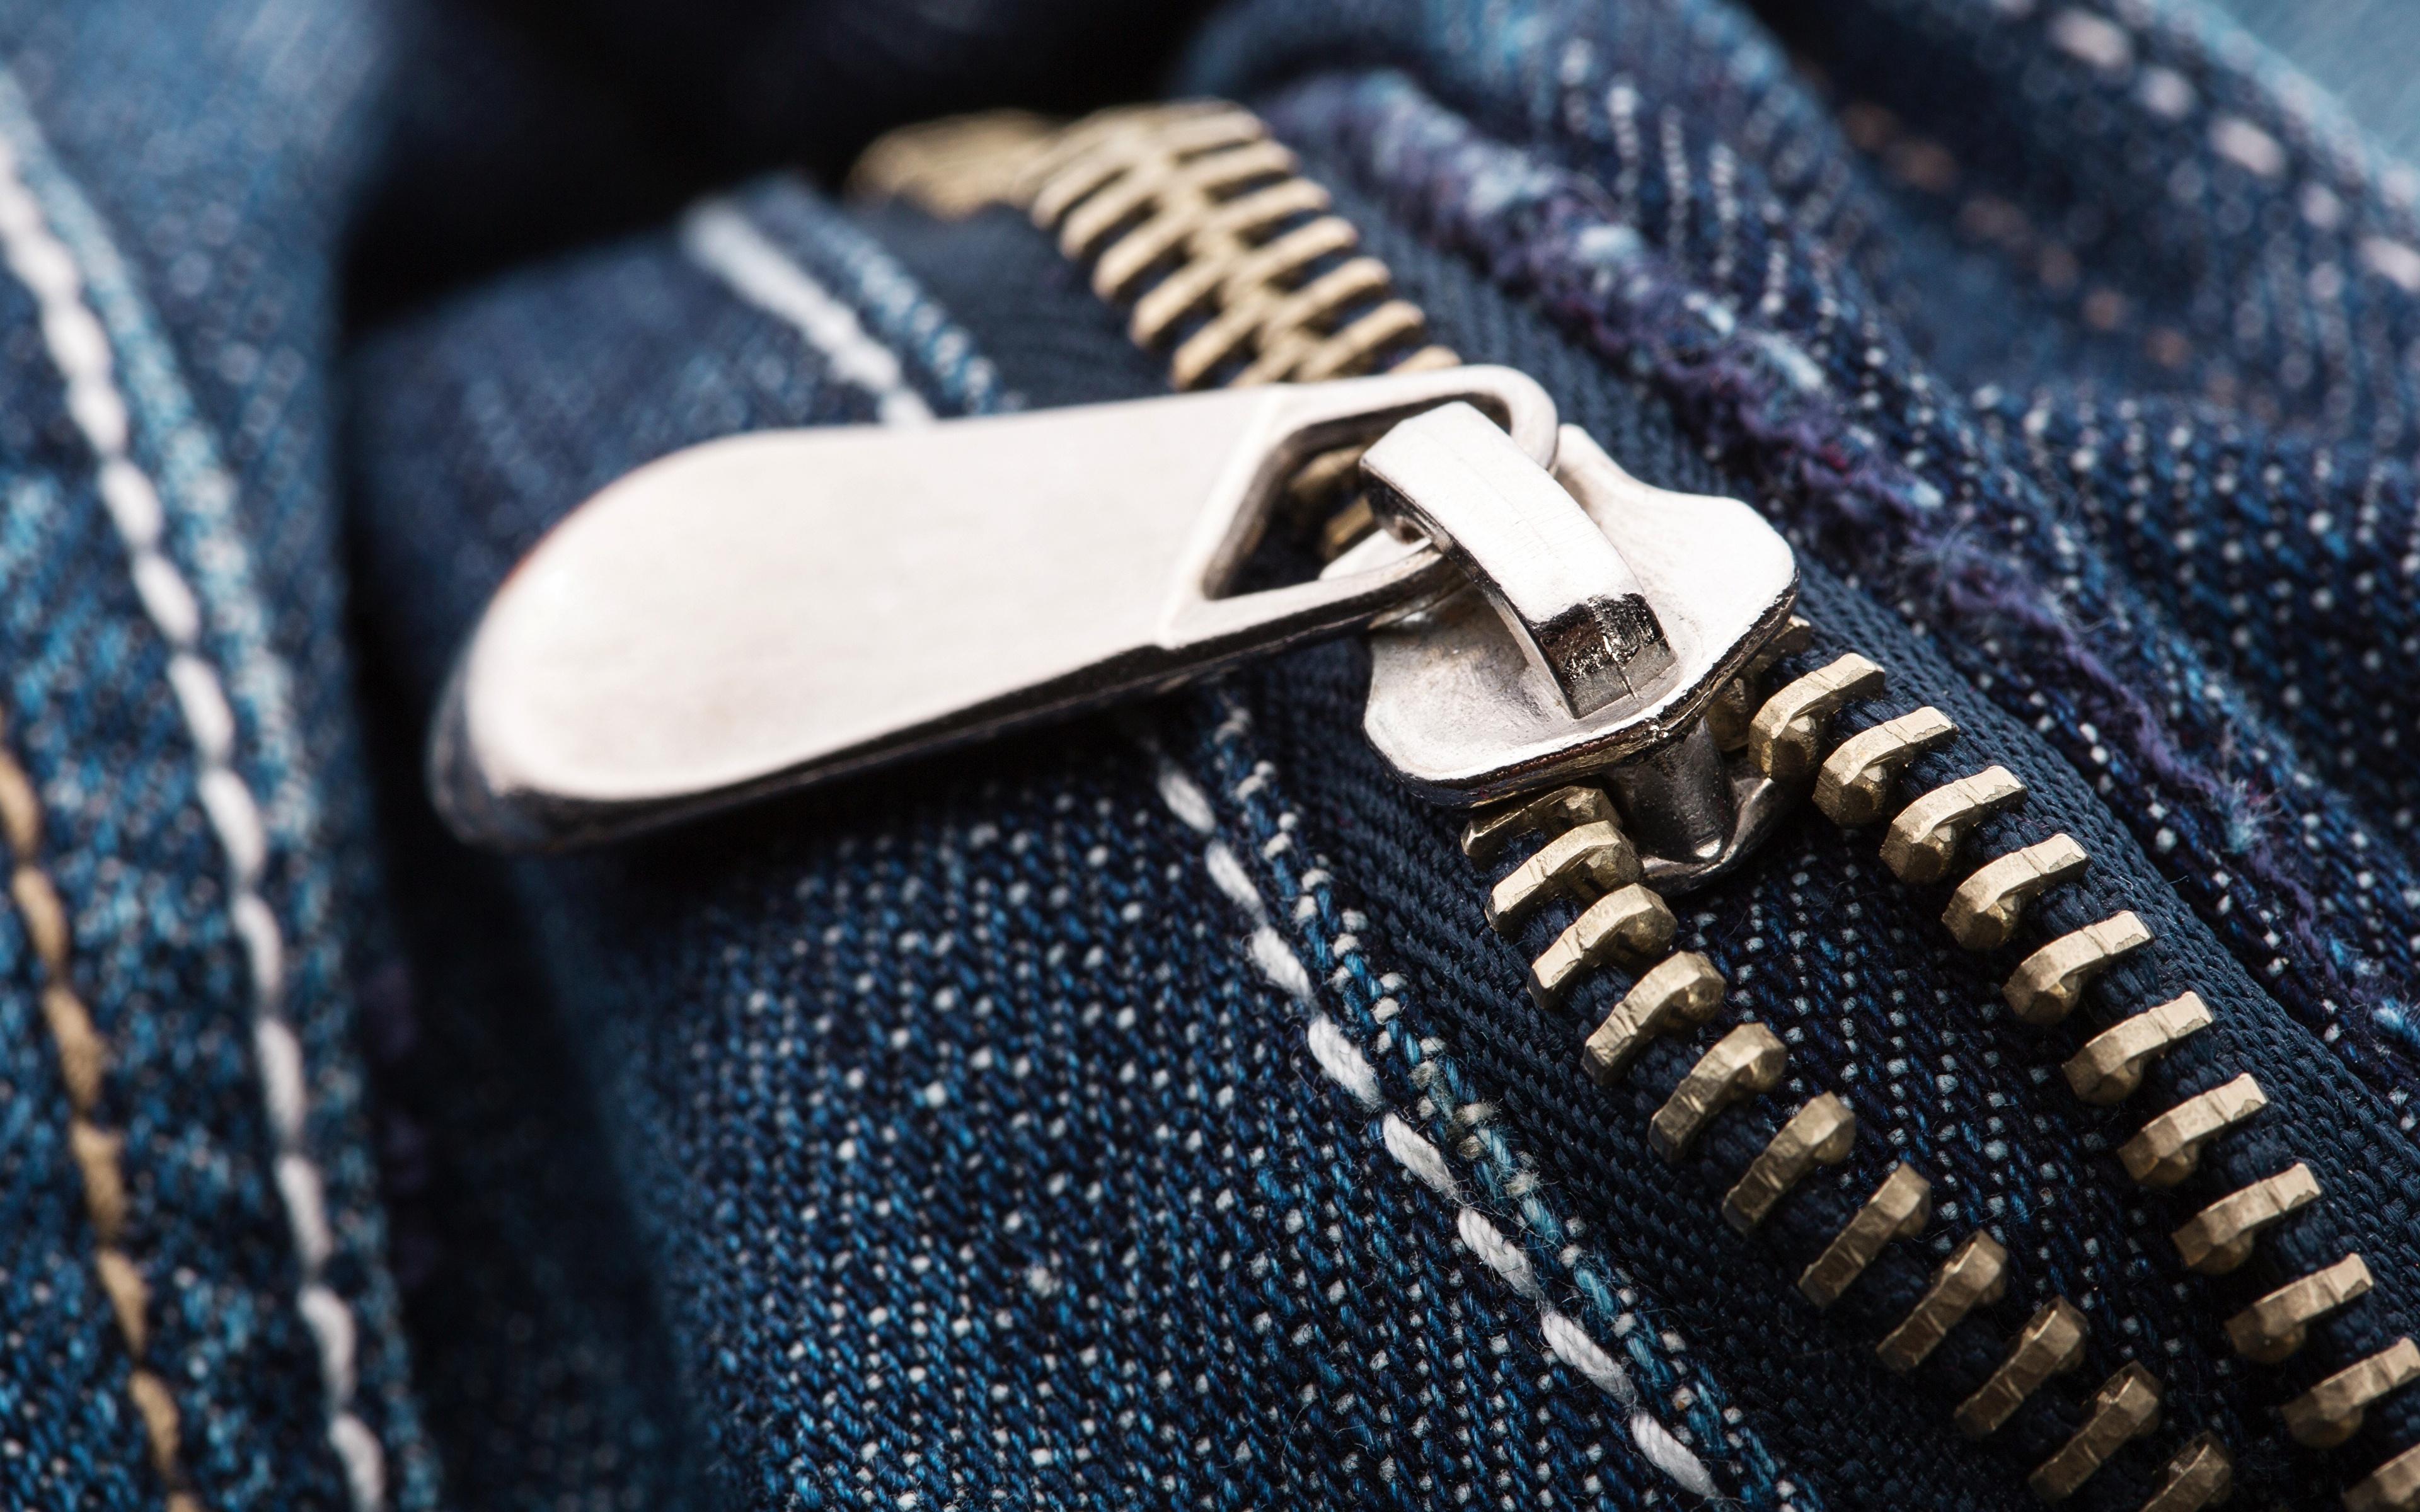 3840x2400、クローズアップ、接写、metal zipper、ジーンズ、、